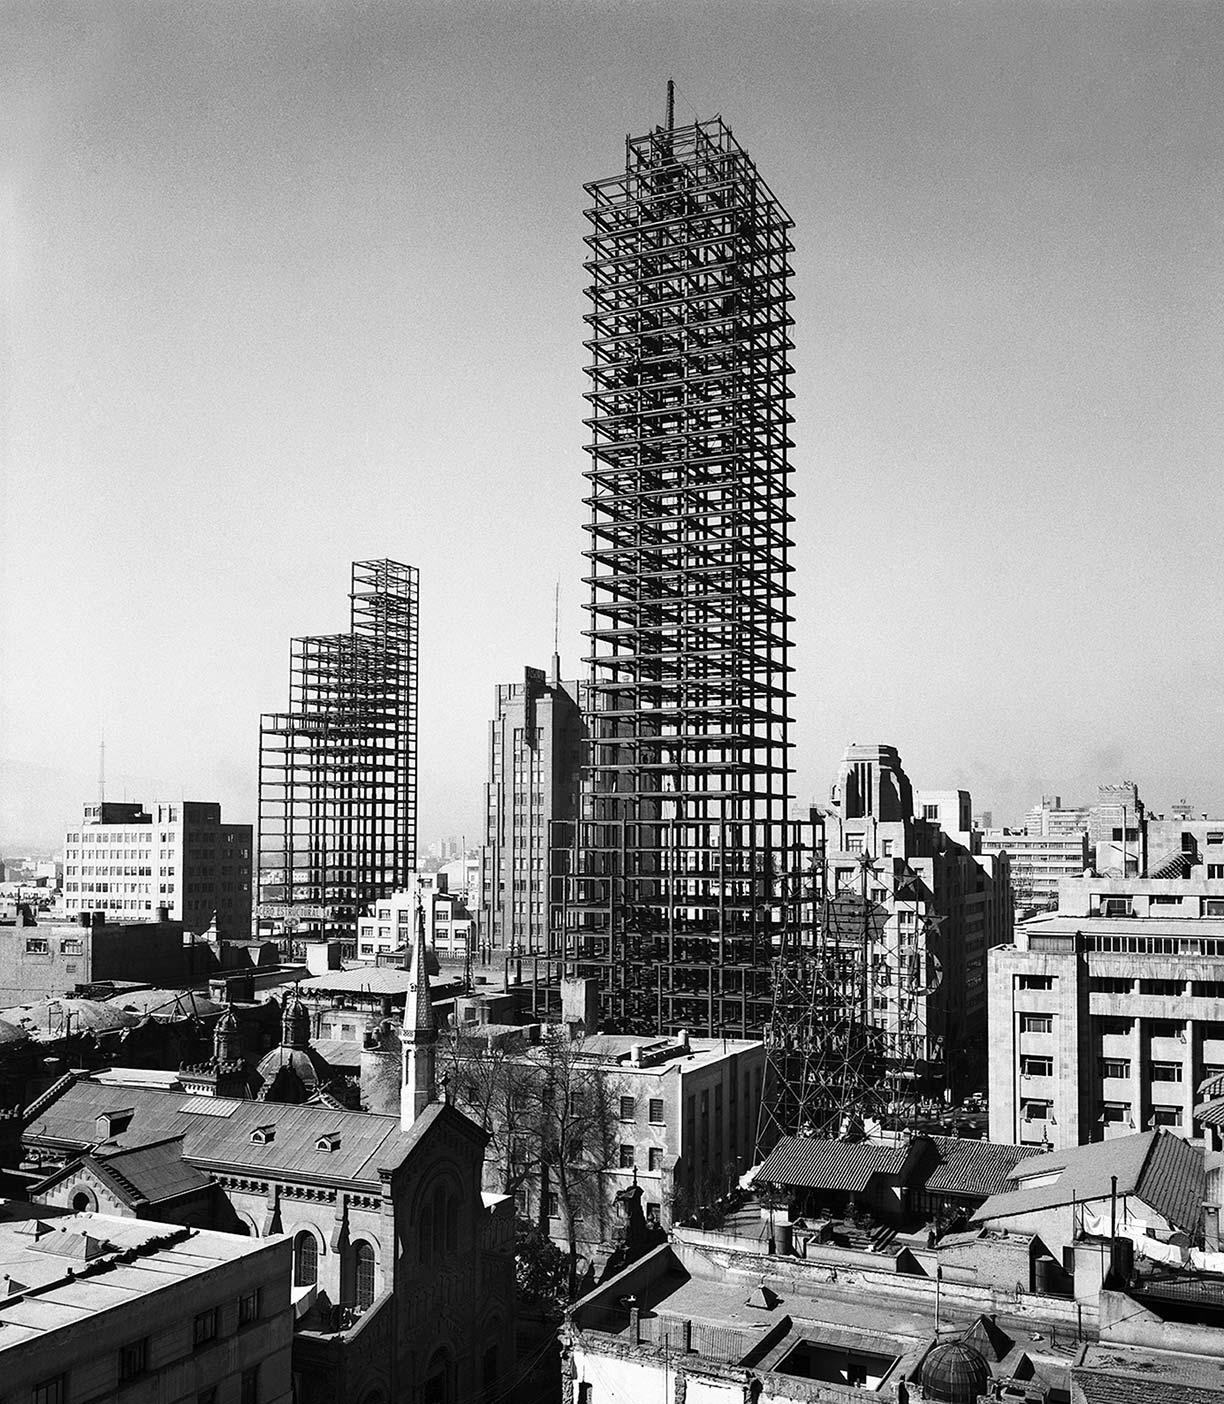 JUAN GUZMÁN, Construcción de la Torre Latinoamericana, Ciudad de México, México, 1950, de la colección Juan Guzmán